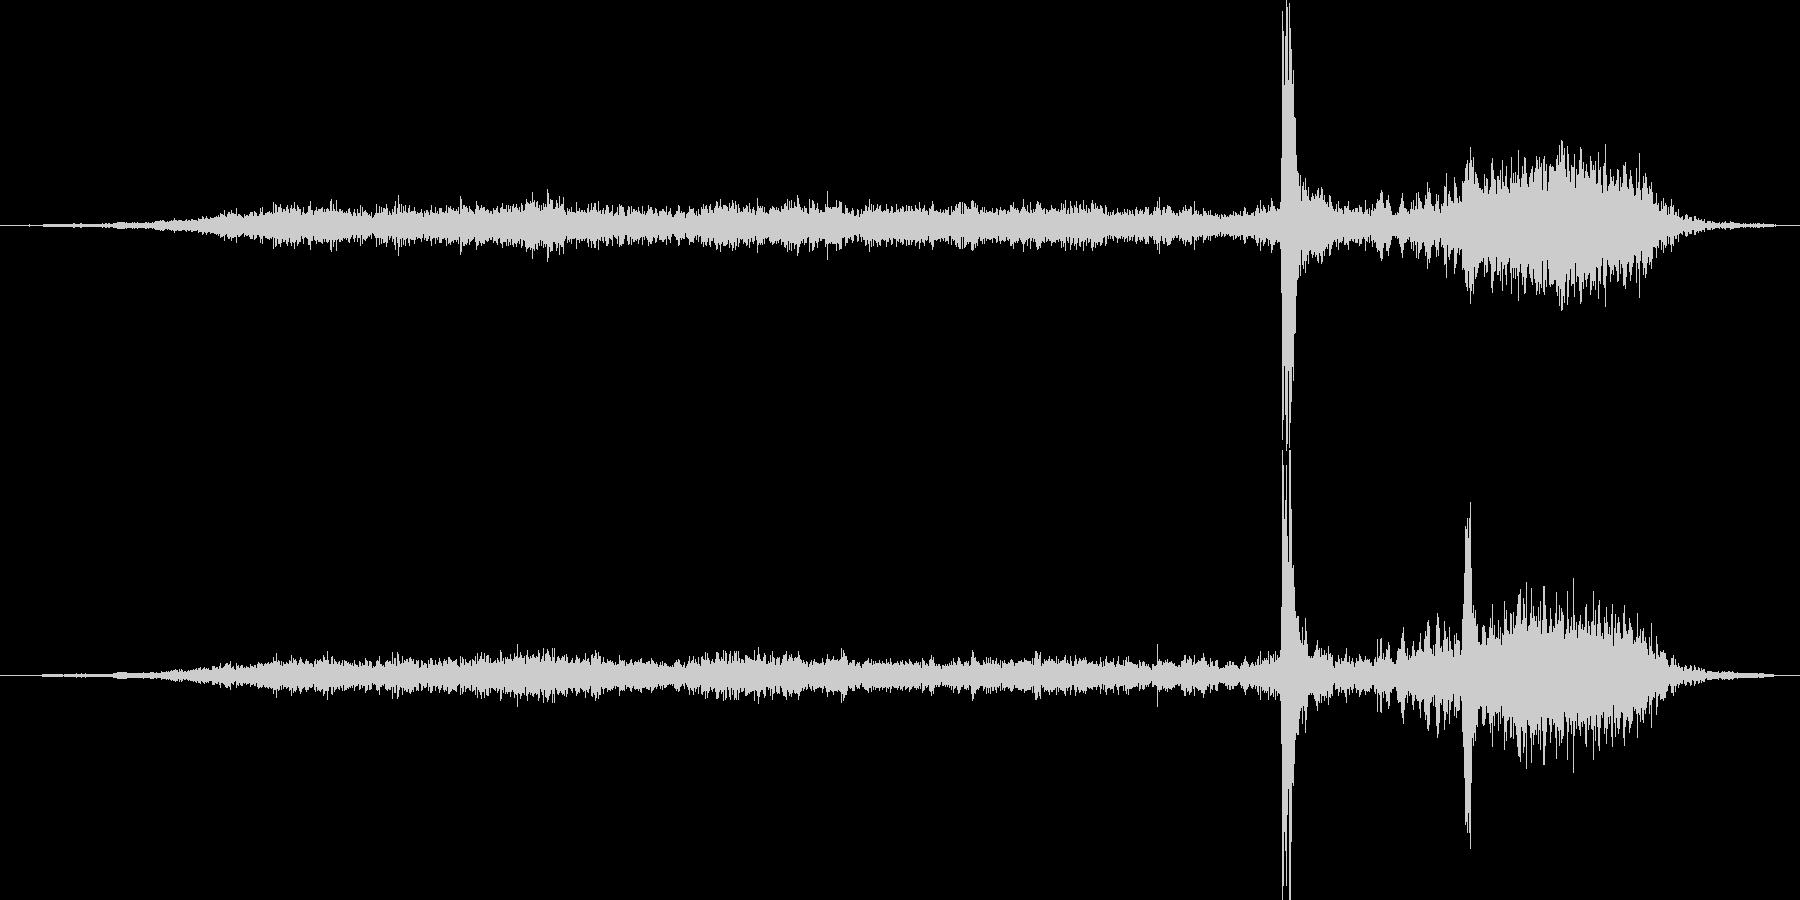 ディスクトレイが出る音の未再生の波形